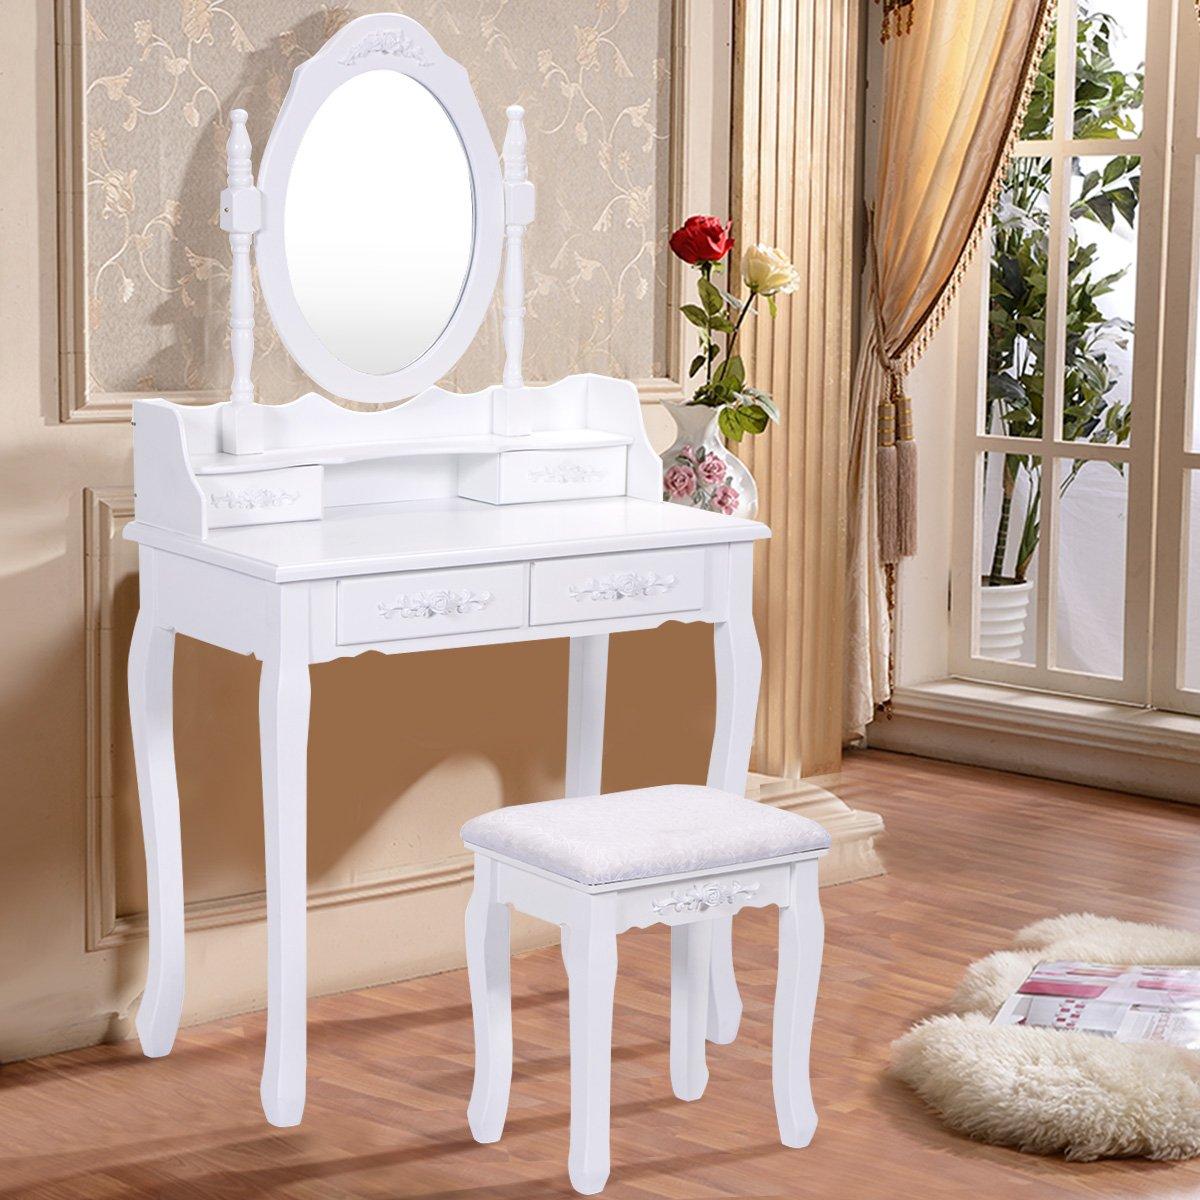 Blitzzauber 24 Coiffeuse + Tabouret avec Miroir Table de Maquillage Chambre 4 tiroirs Blanc MDF